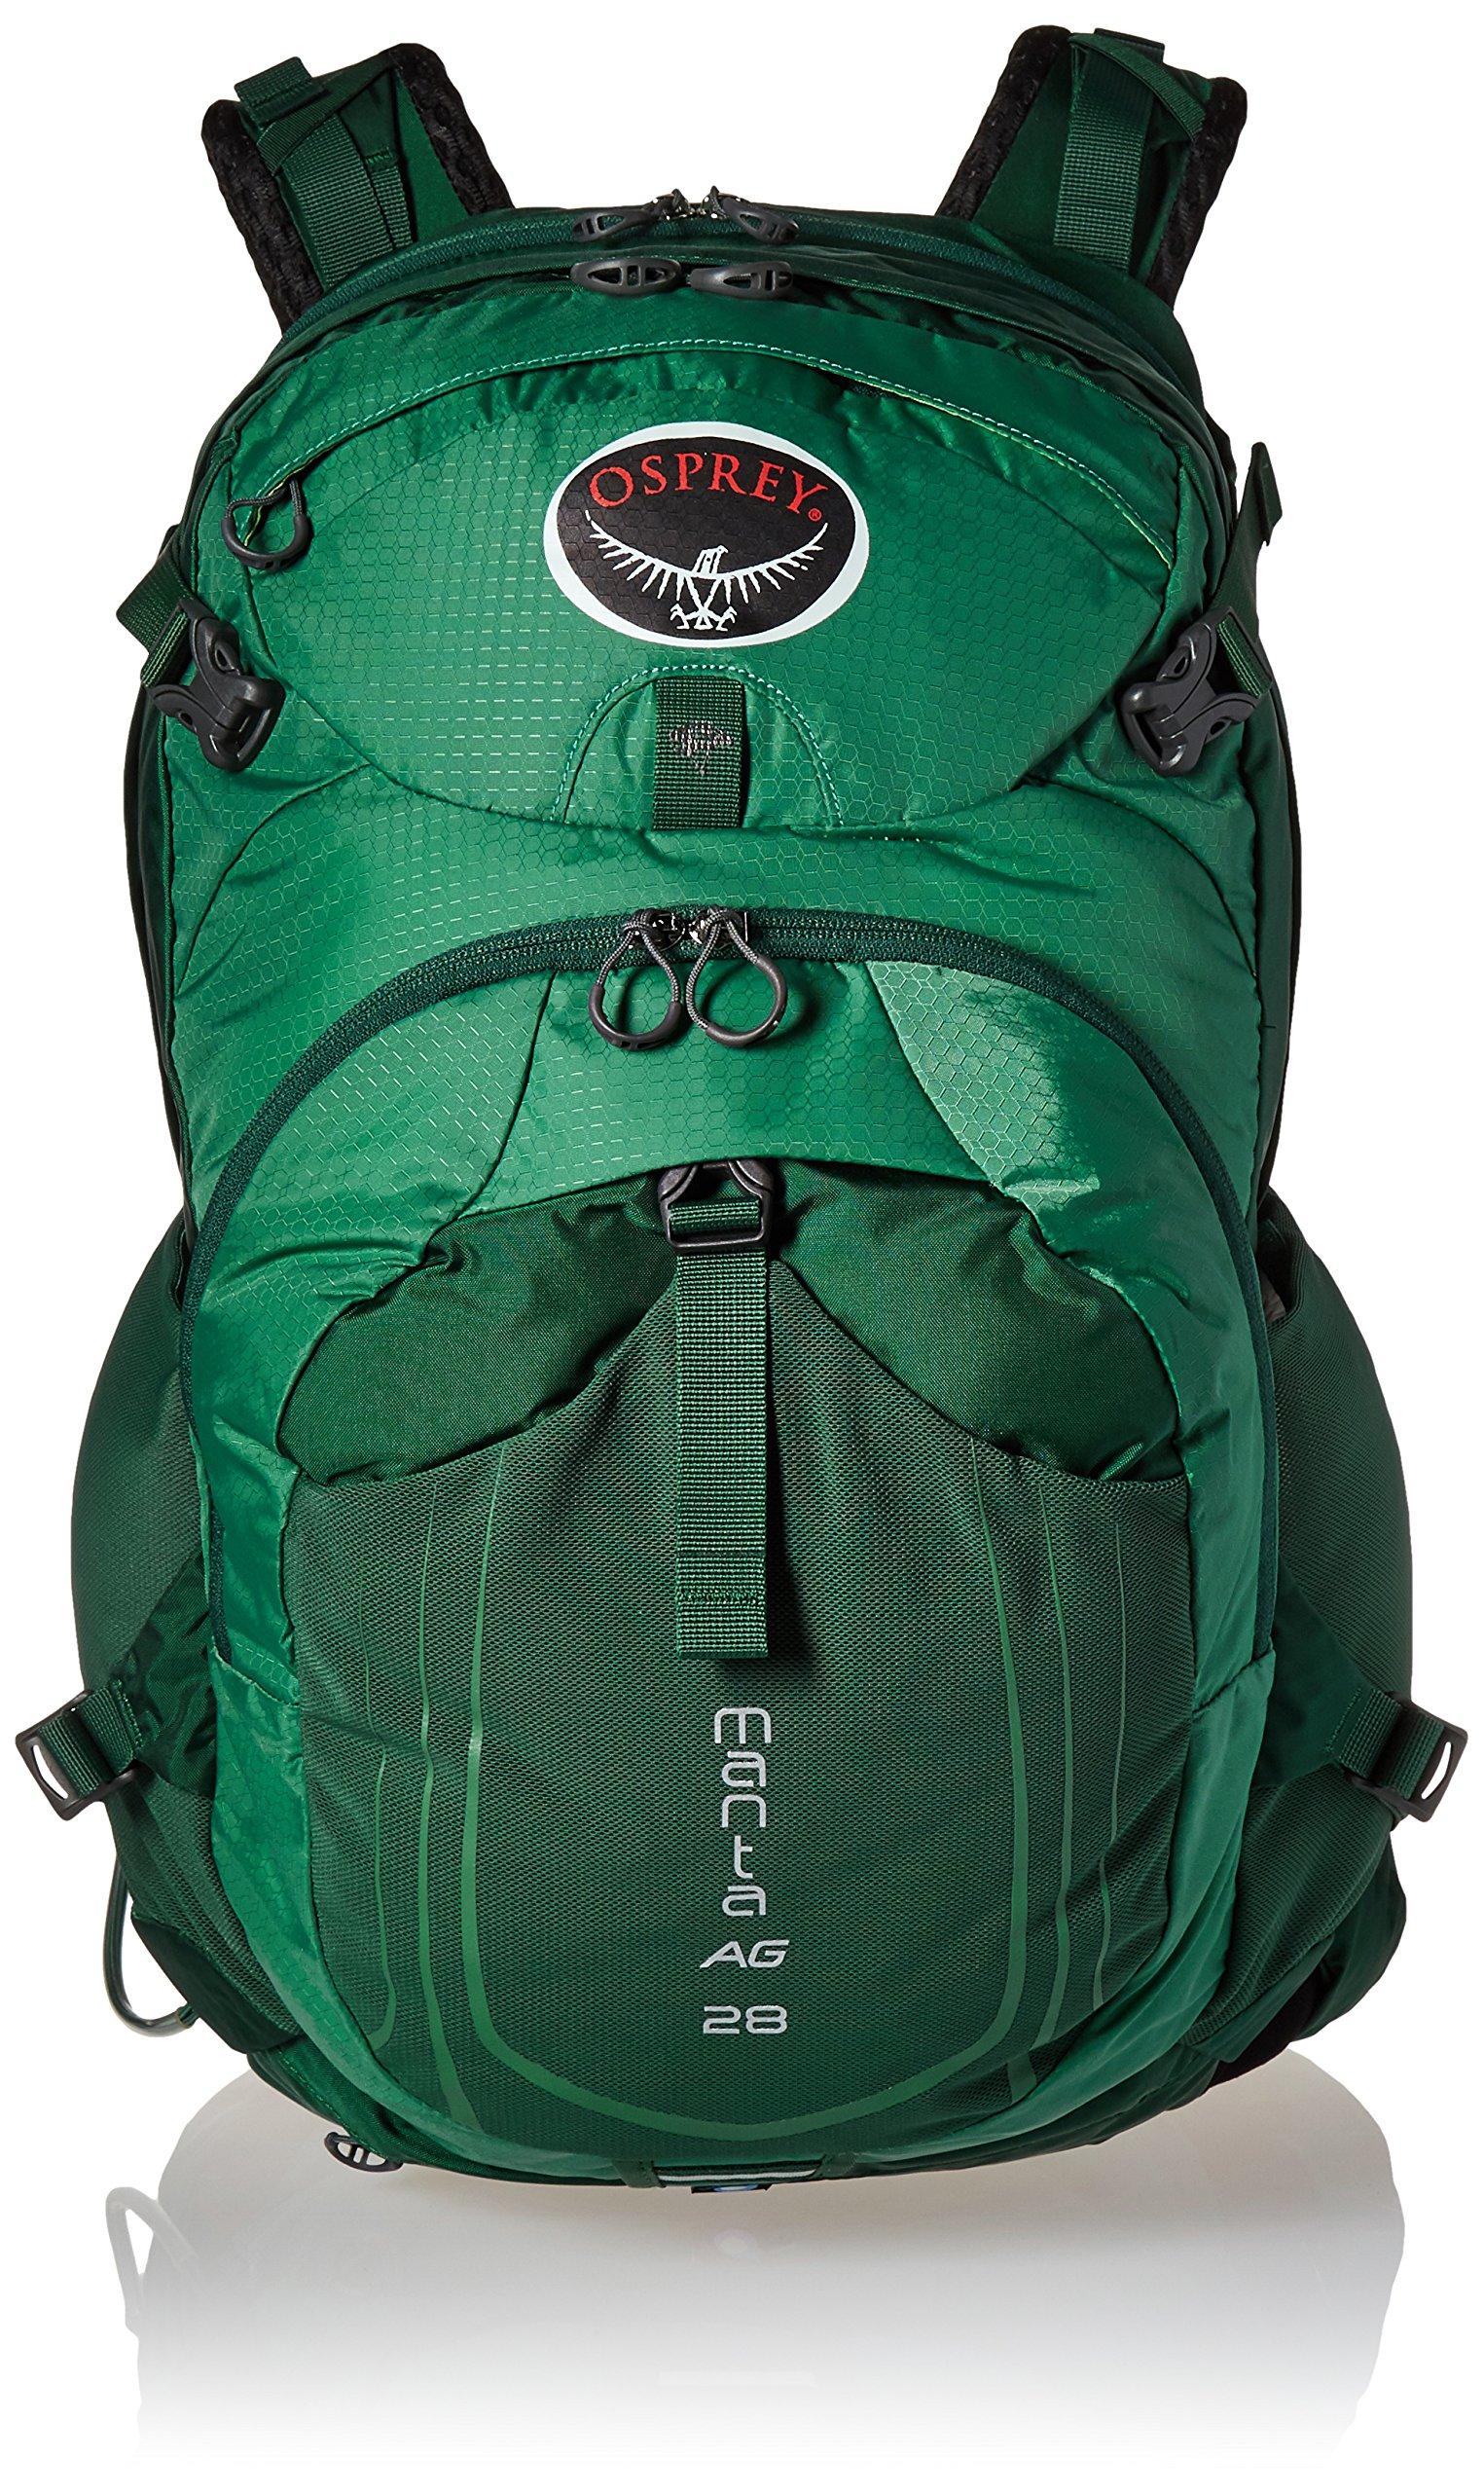 Osprey Packs Manta AG 28, Spruce Green Small/Medium